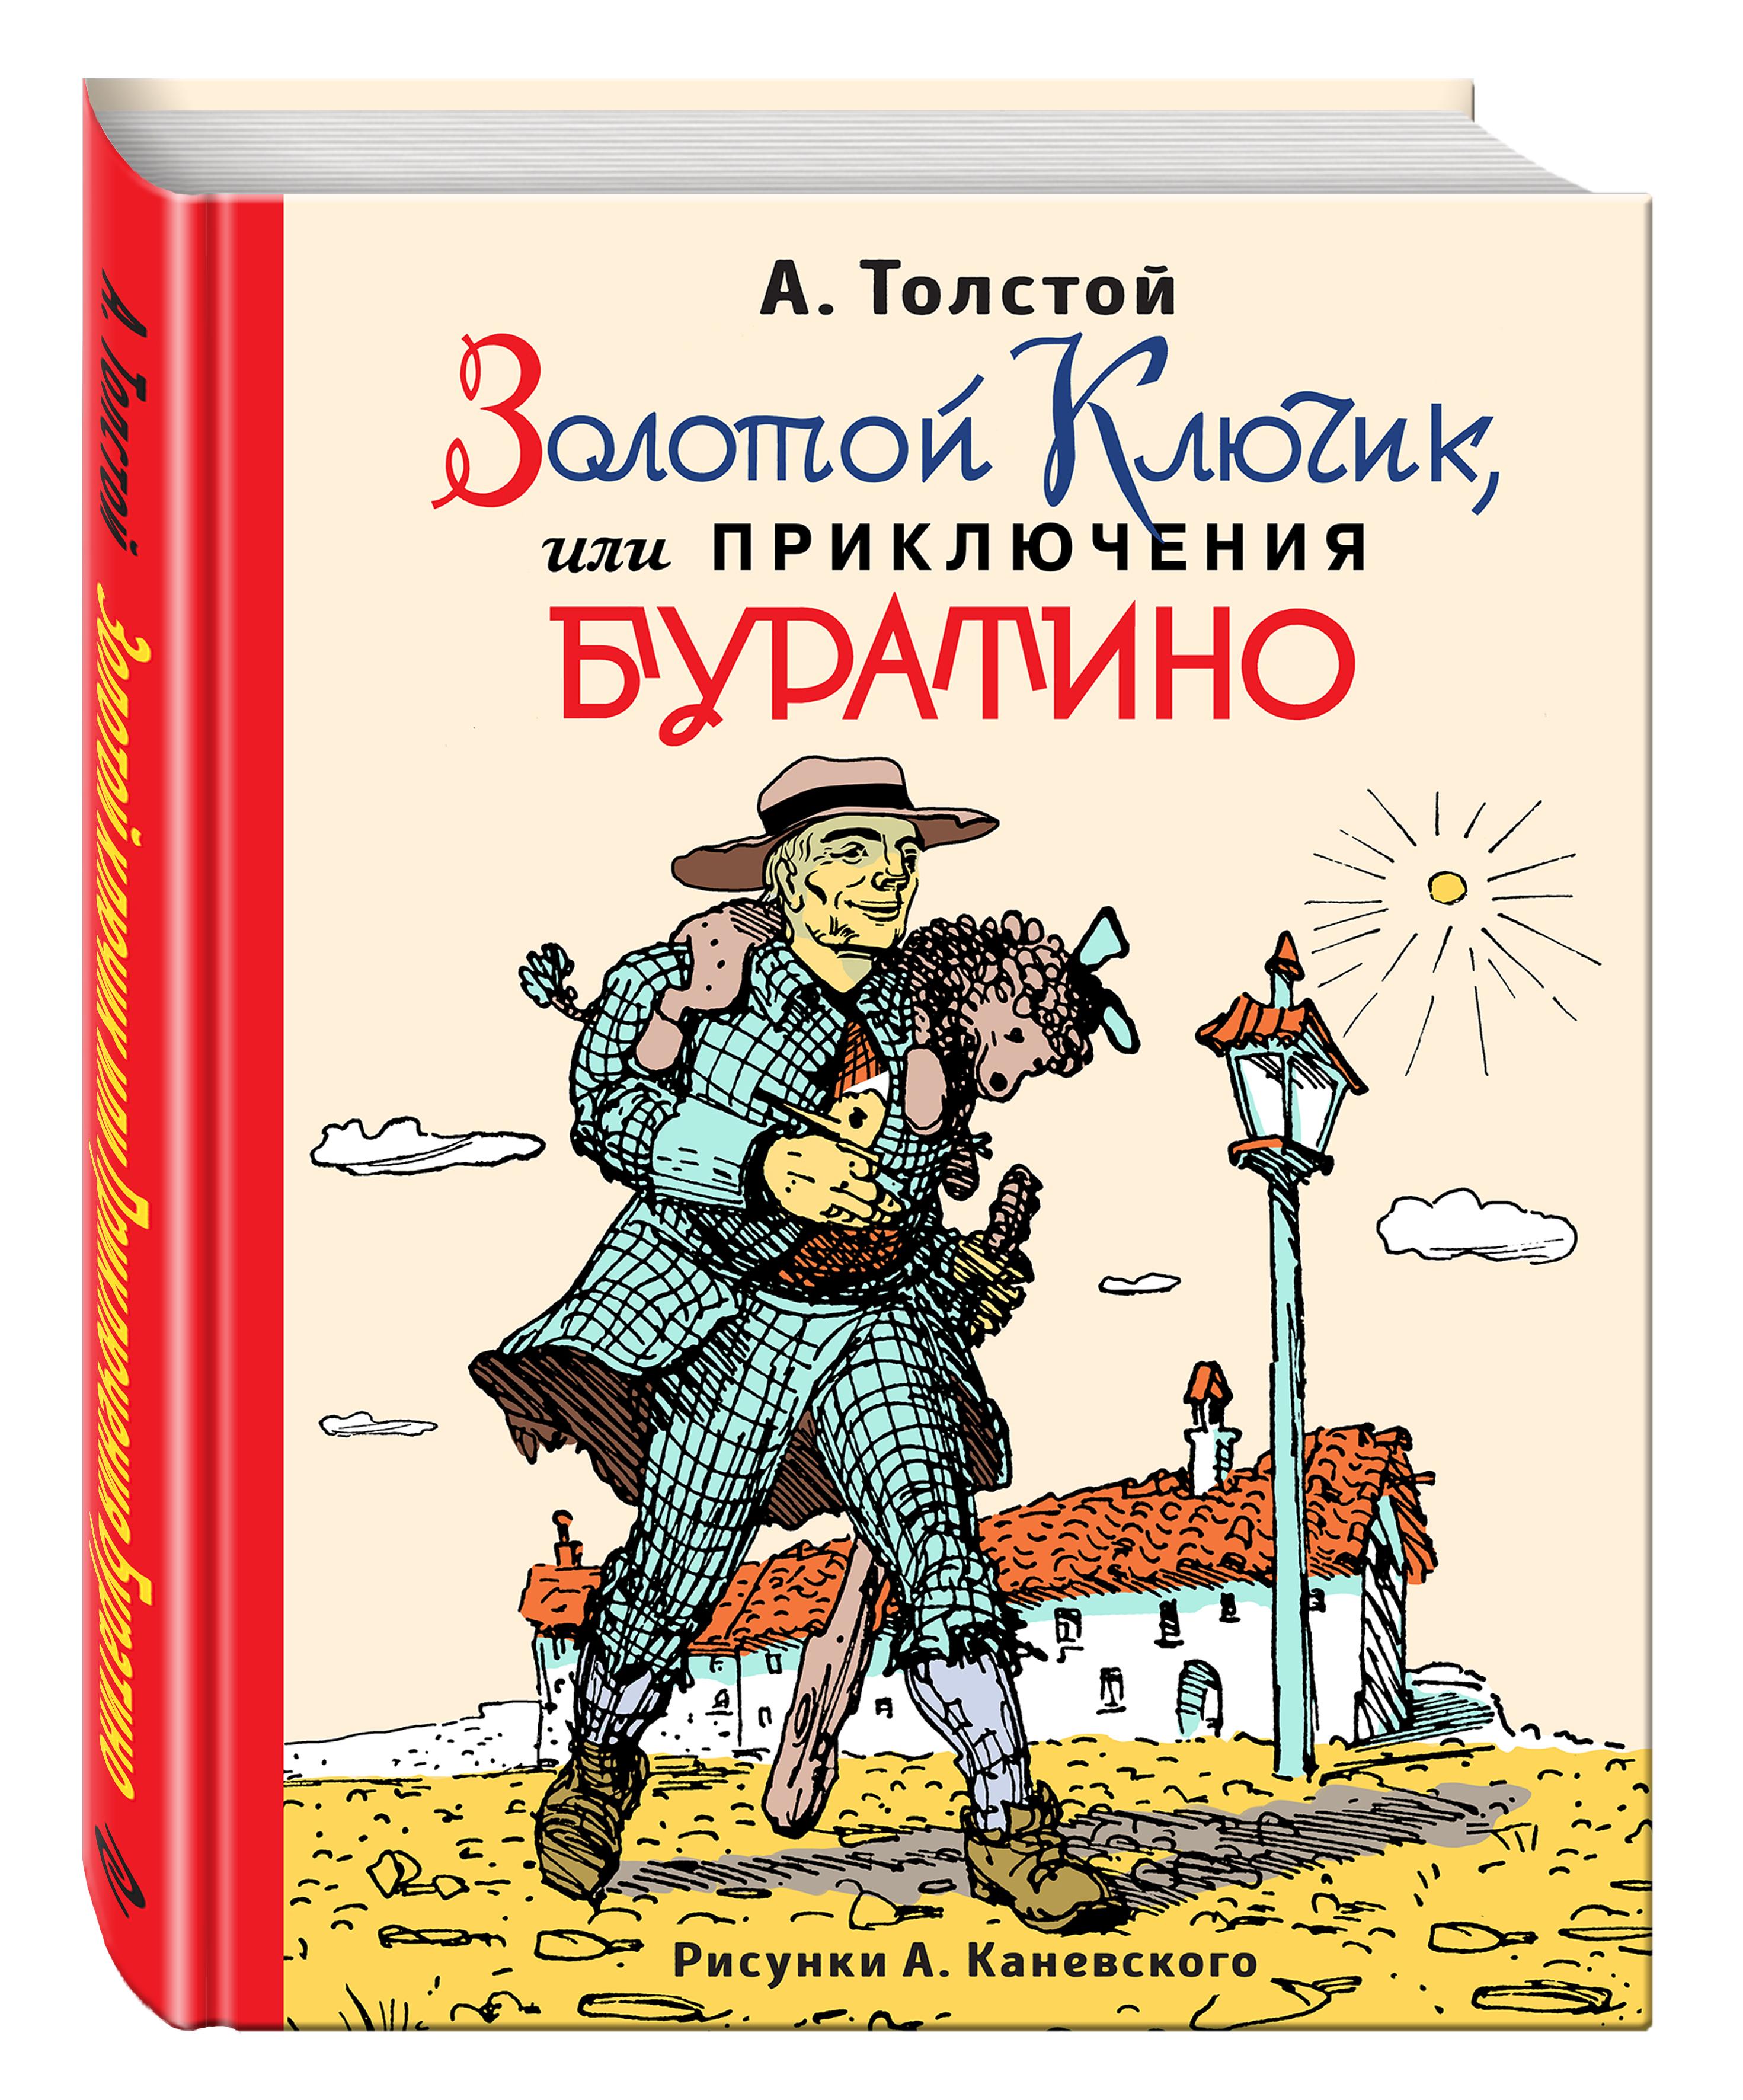 Алексей Толстой Золотой ключик, или Приключения Буратино (ил. А. Каневского) цена